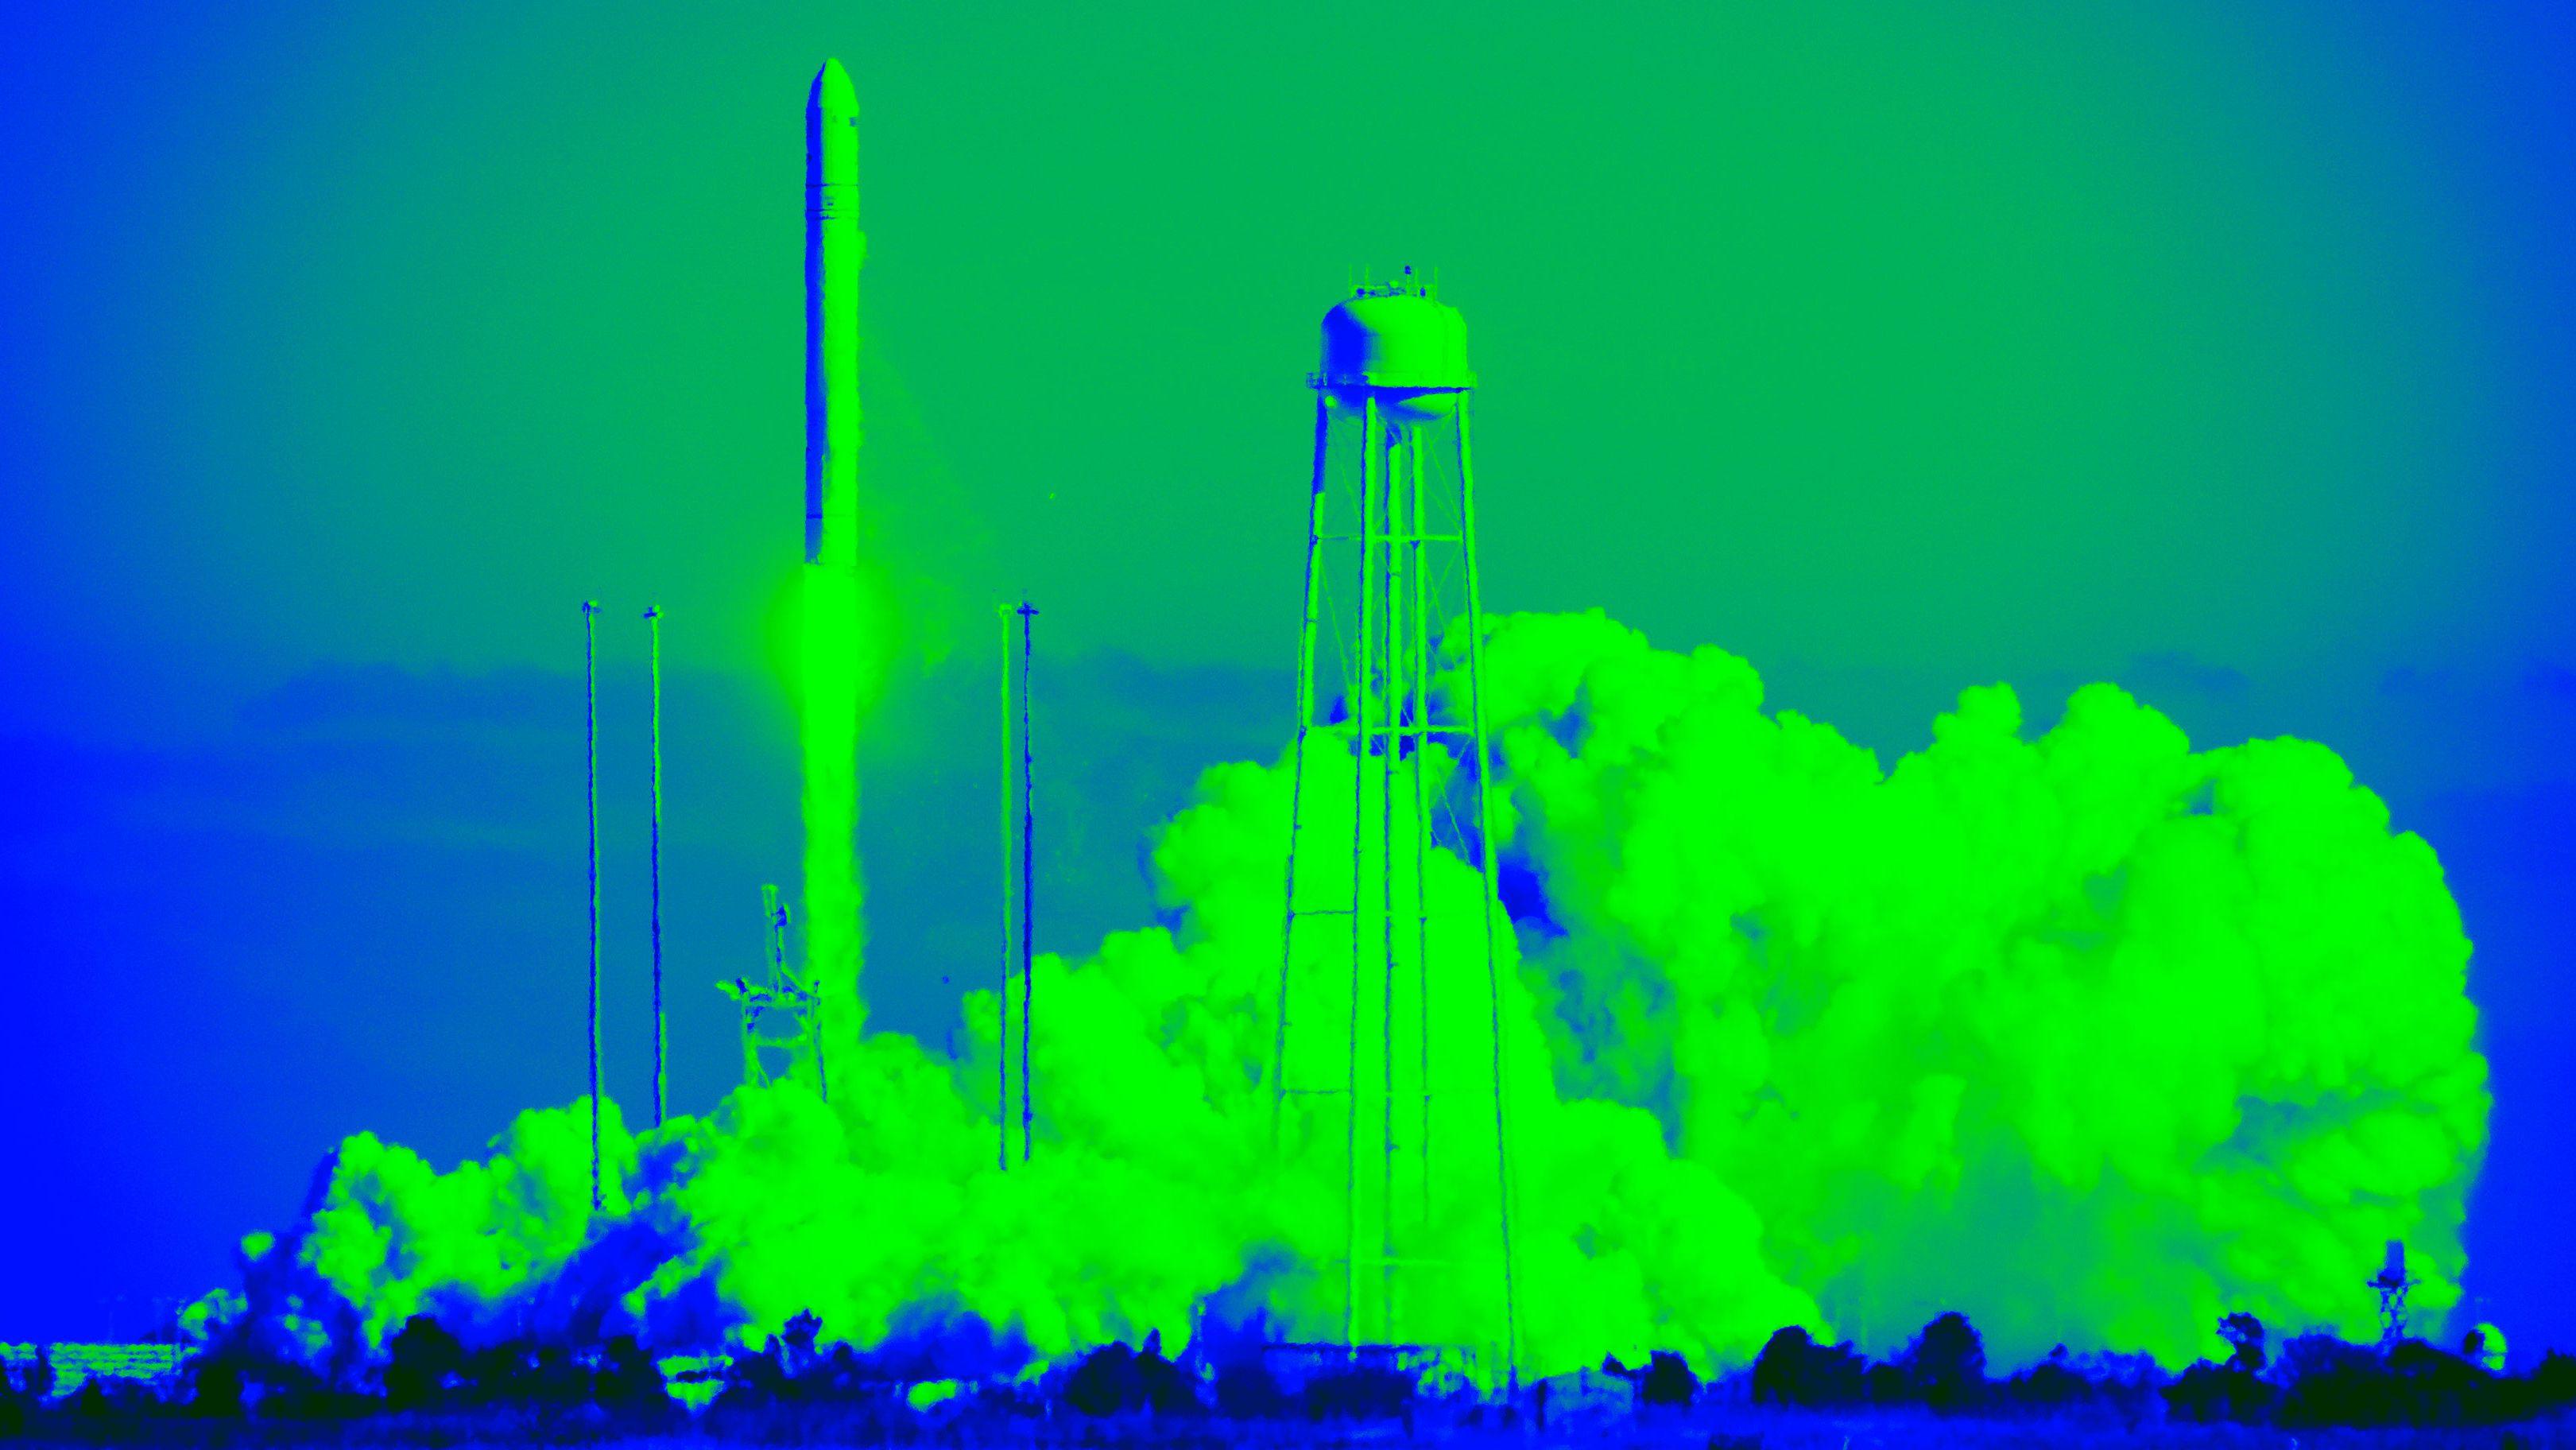 小型衛星向け、新世代の液体燃料プラズマ推進装置